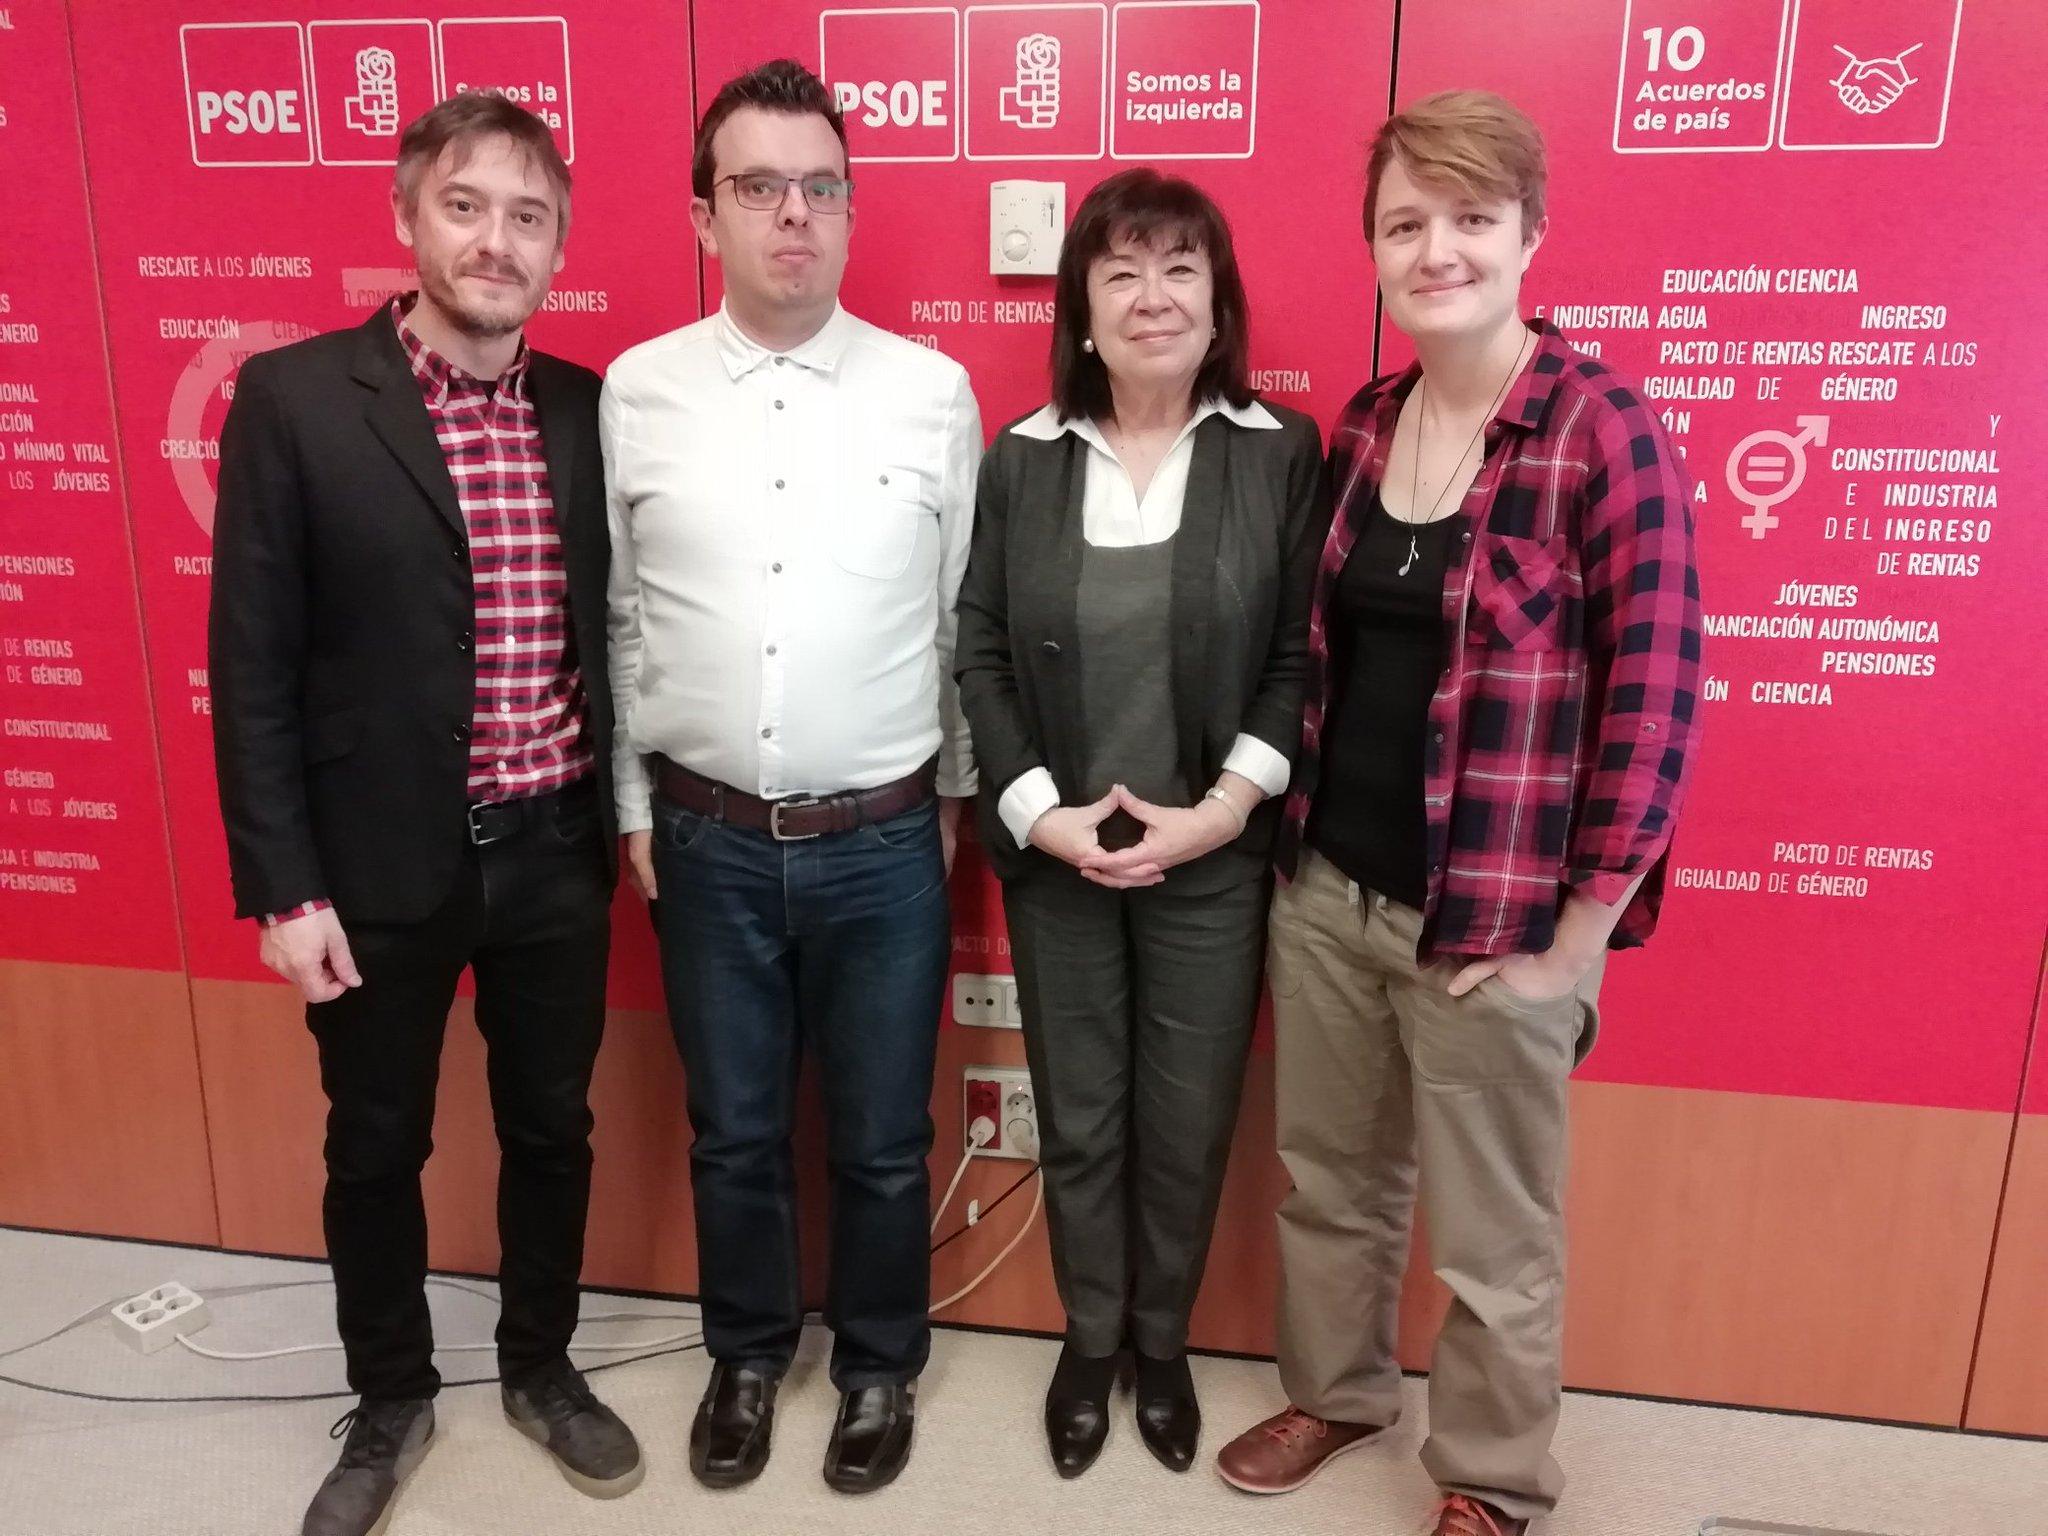 Fermín Núñez, Antonio Hinojosa, Cristina Narbona y Olga Berrios con un fondo con el color y siglas del PSOE